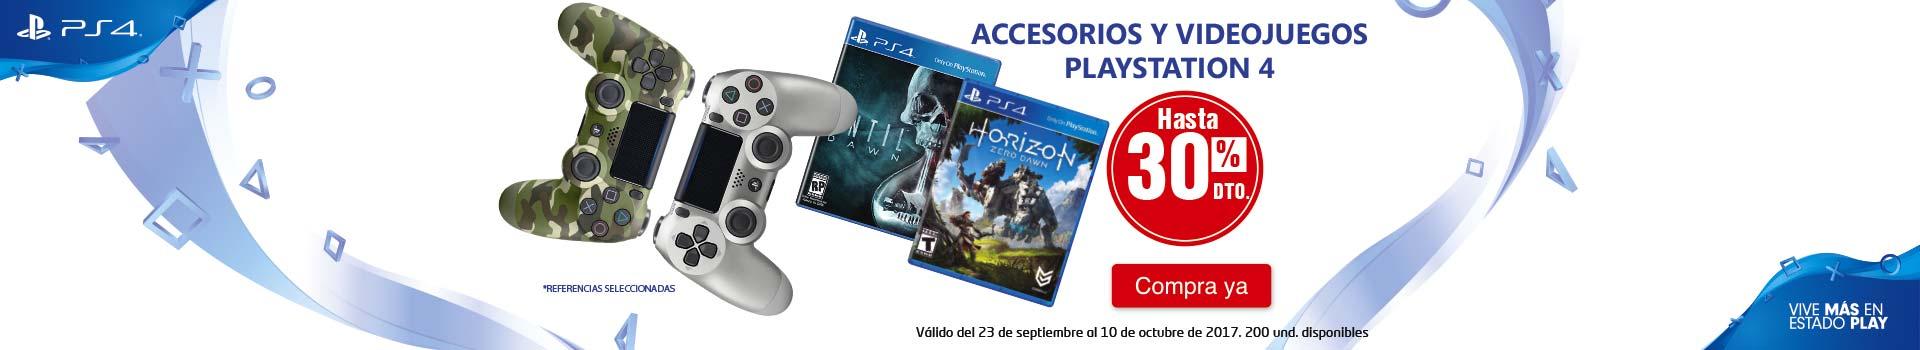 HIPER-AK-KT-2-videojuegos-desgamesacces-cat-sep25-oct10